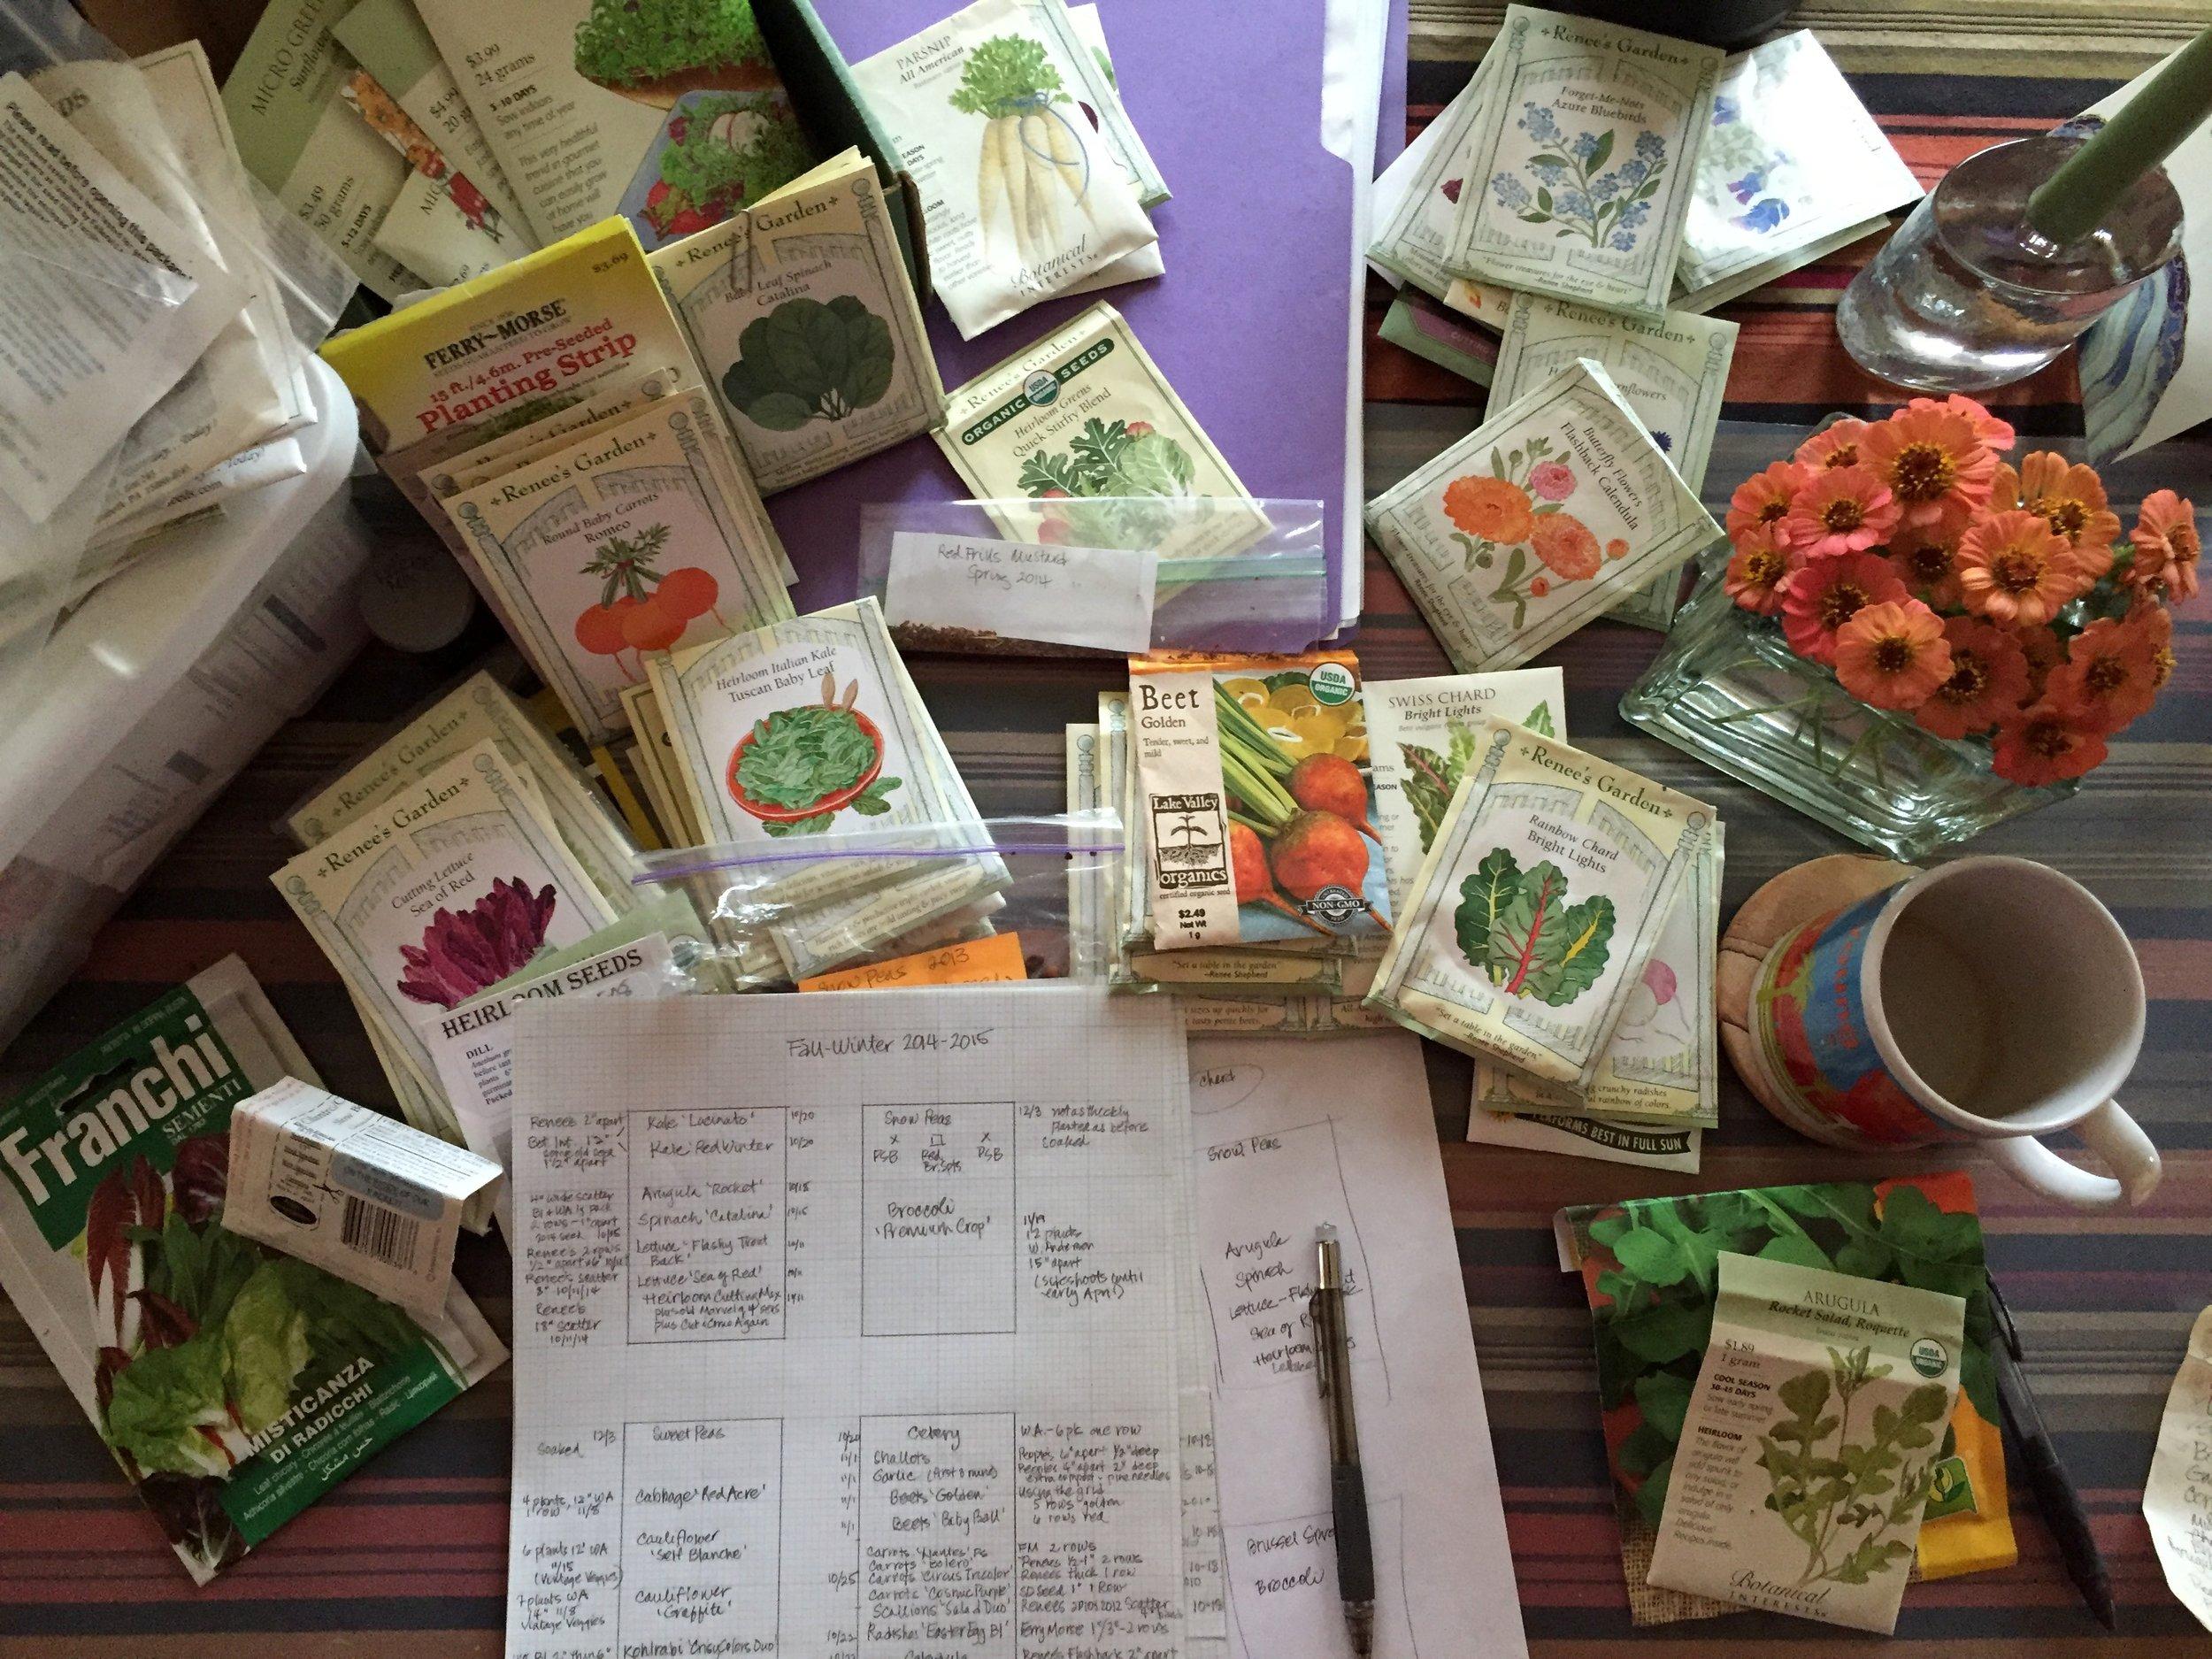 Planning the winter garden.